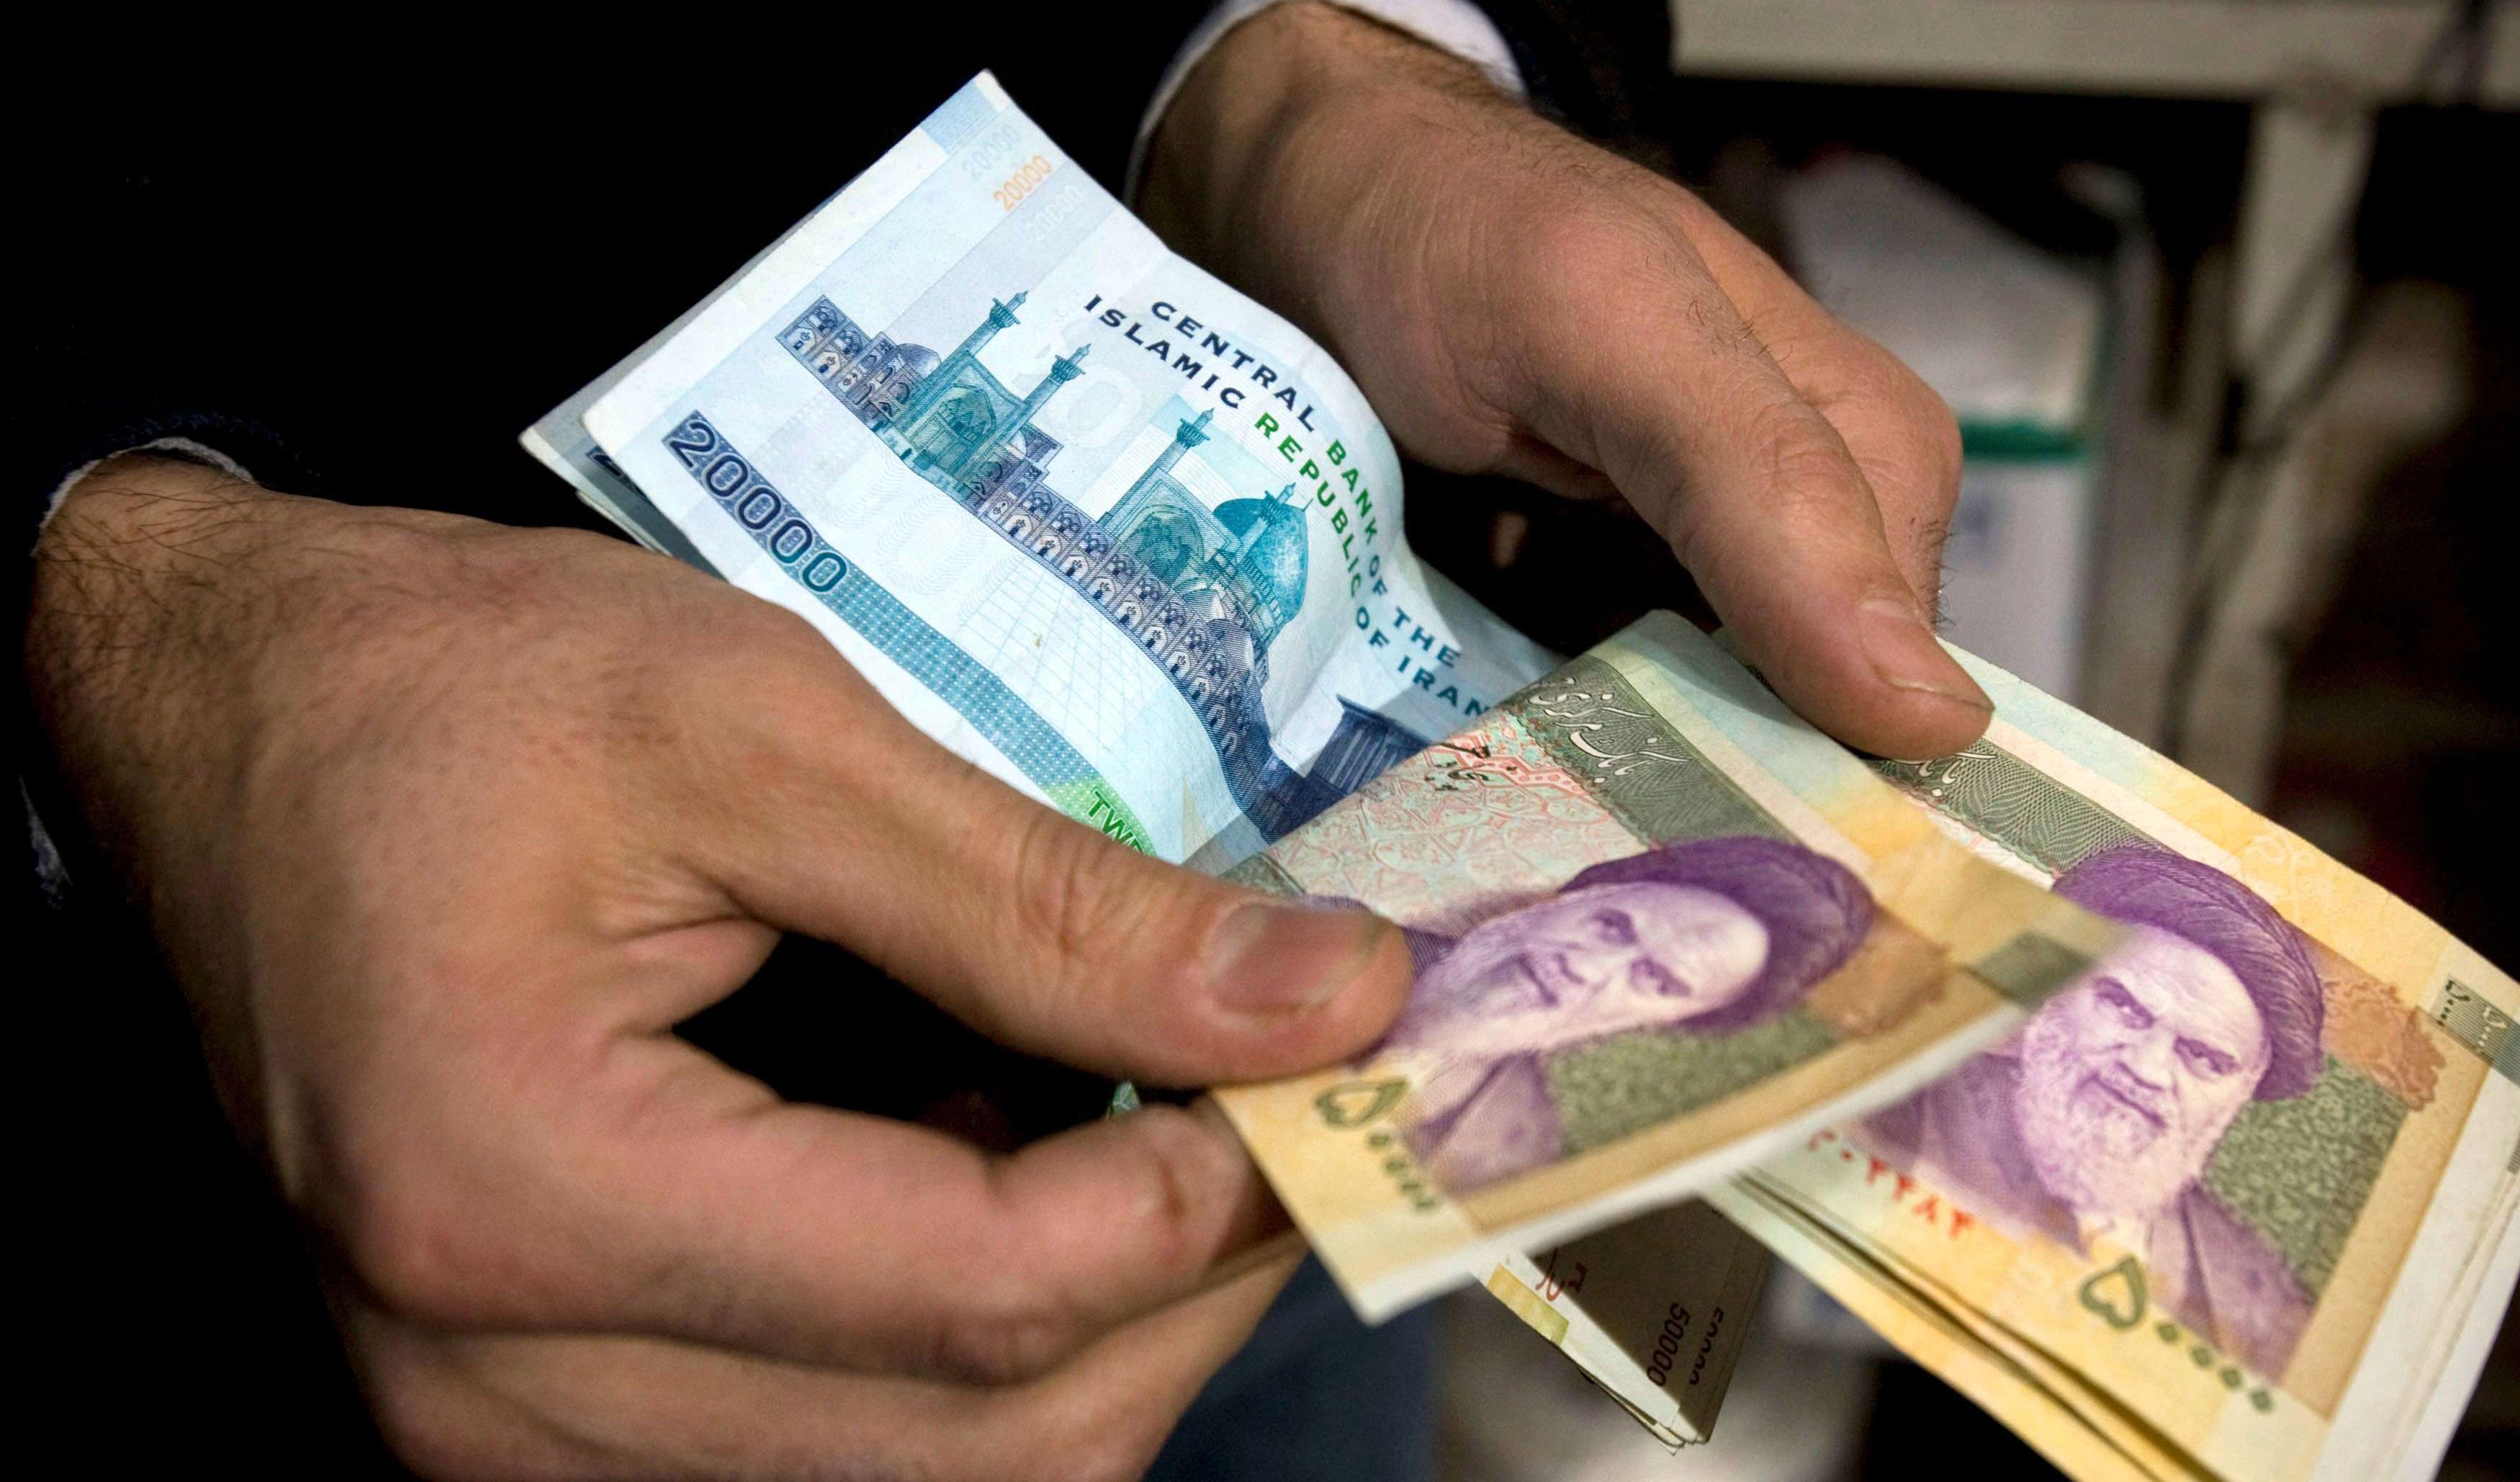 یارانه معیشت شنبه واریز می شود/ شناسایی 286 هزار خانوار جدید